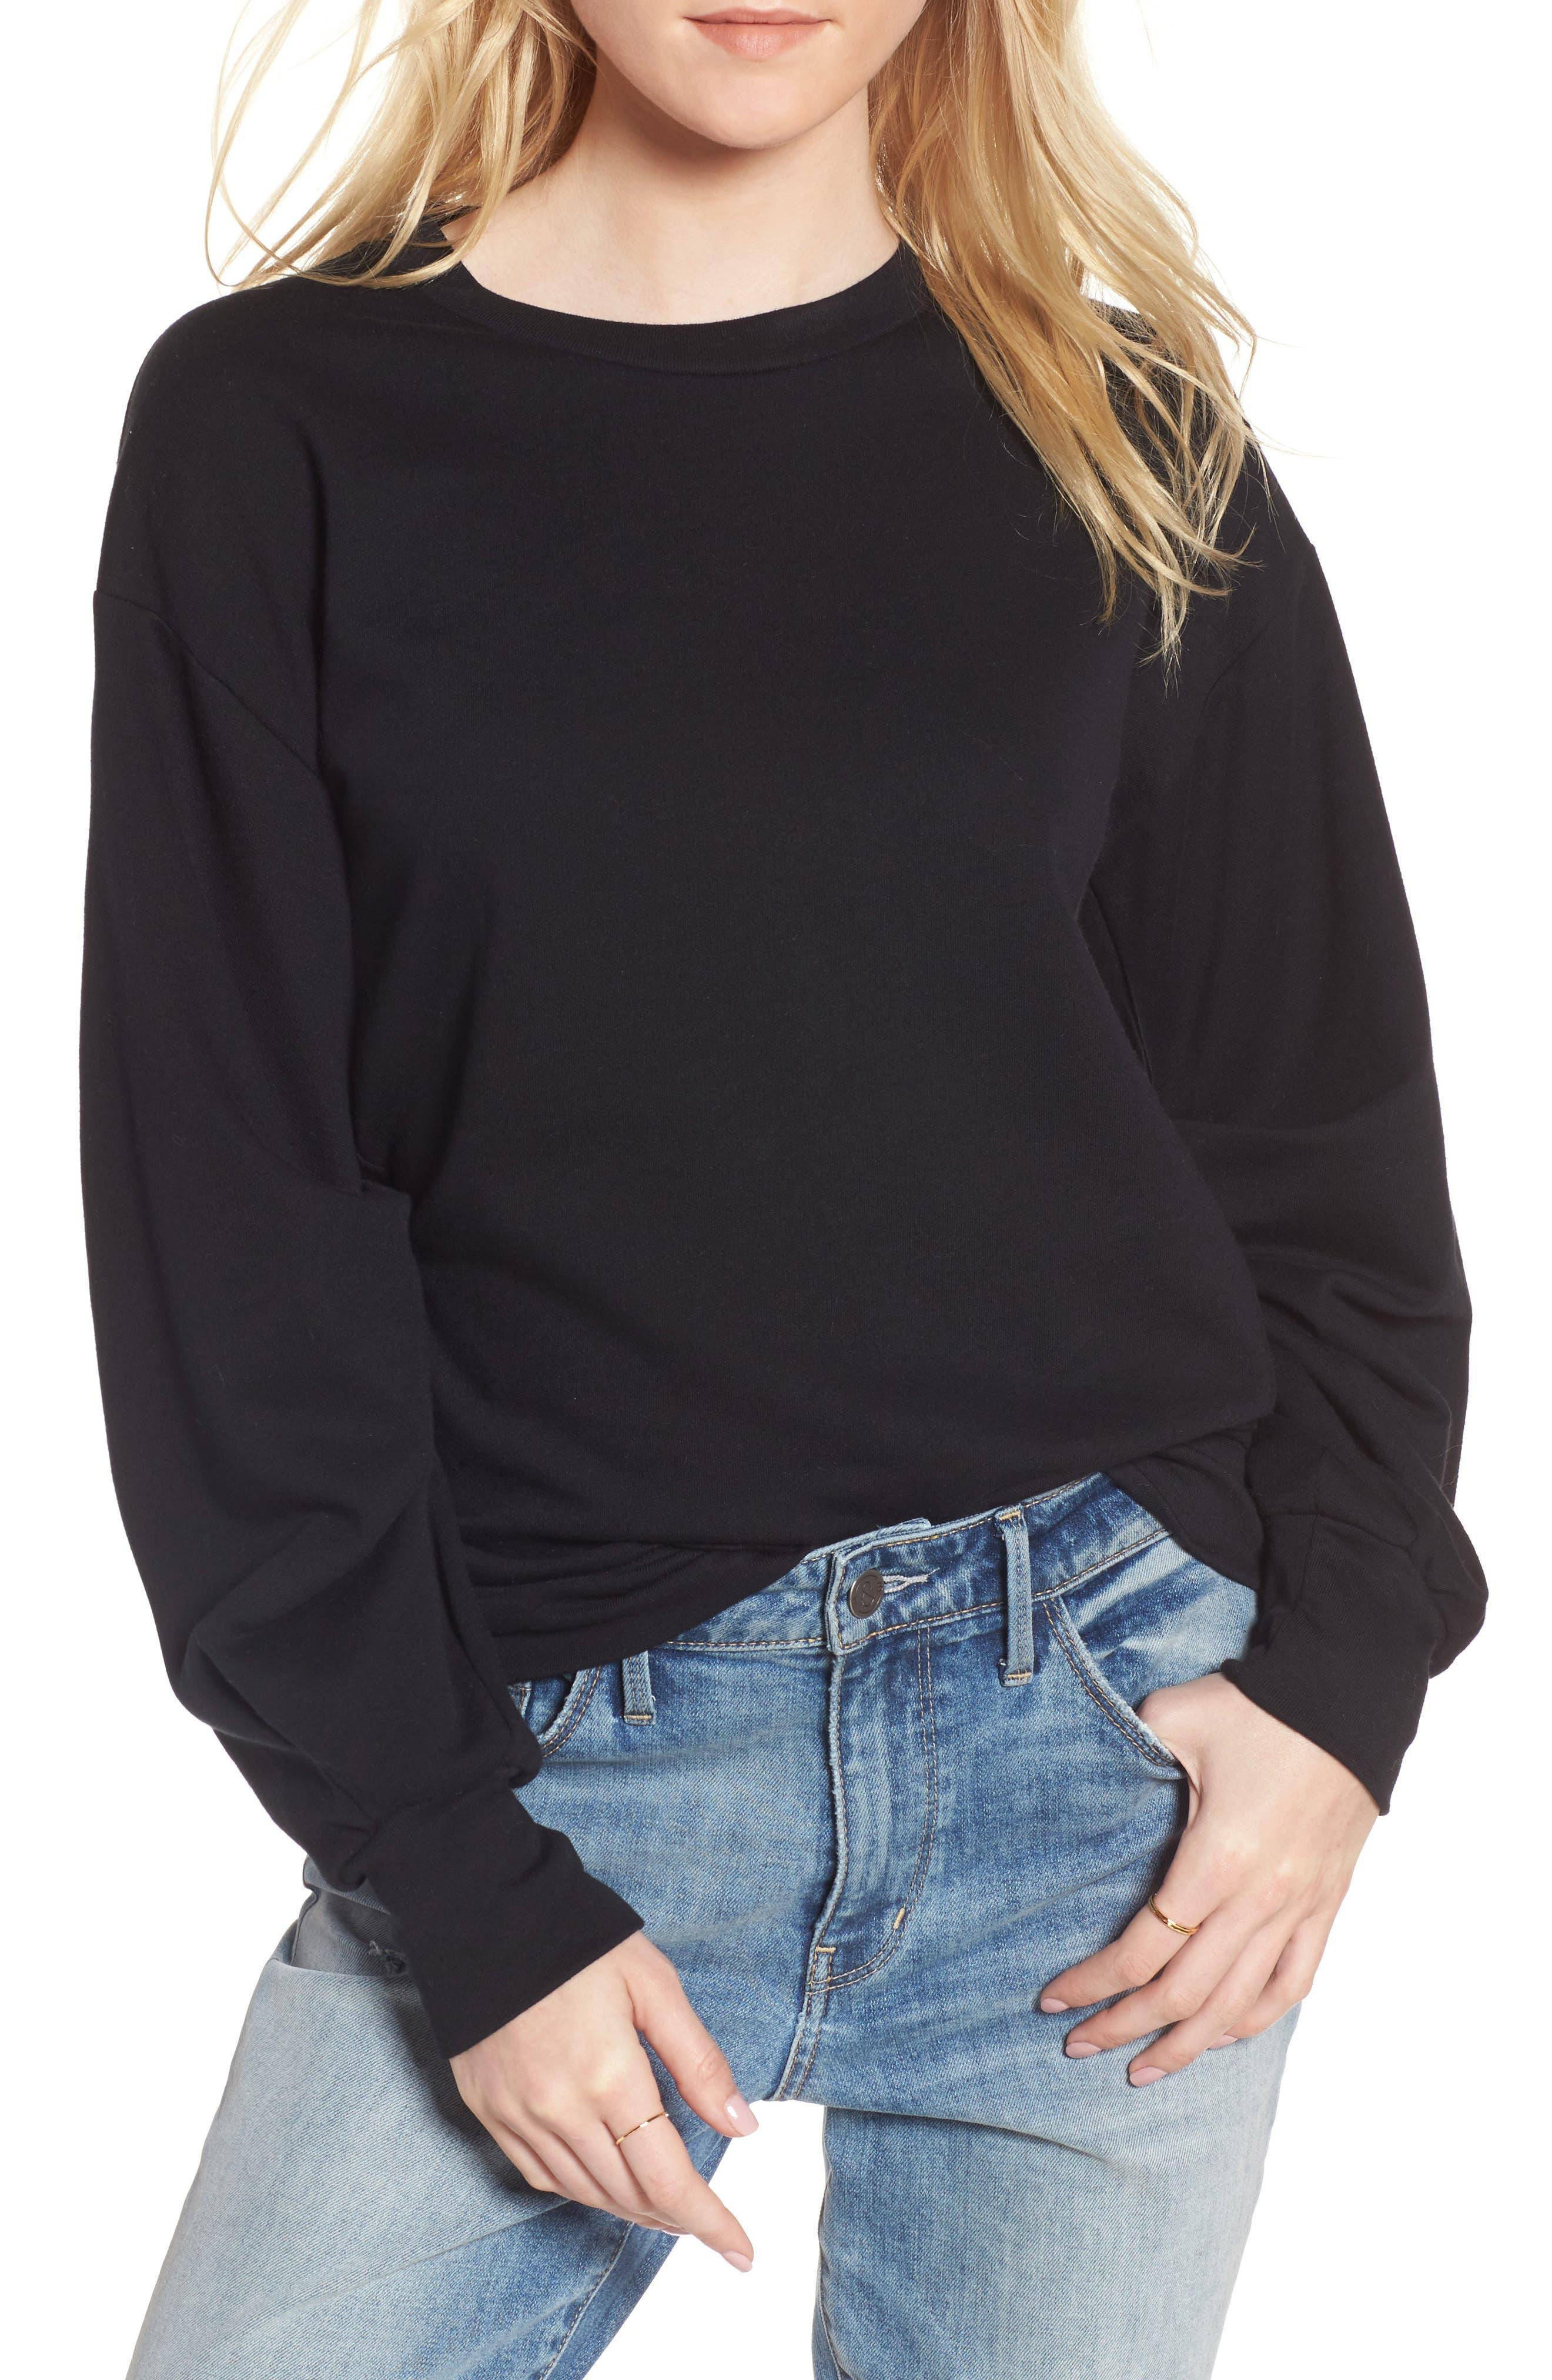 Alternate Image 1 Selected - Treasure & Bond Pleated Sleeve Sweatshirt